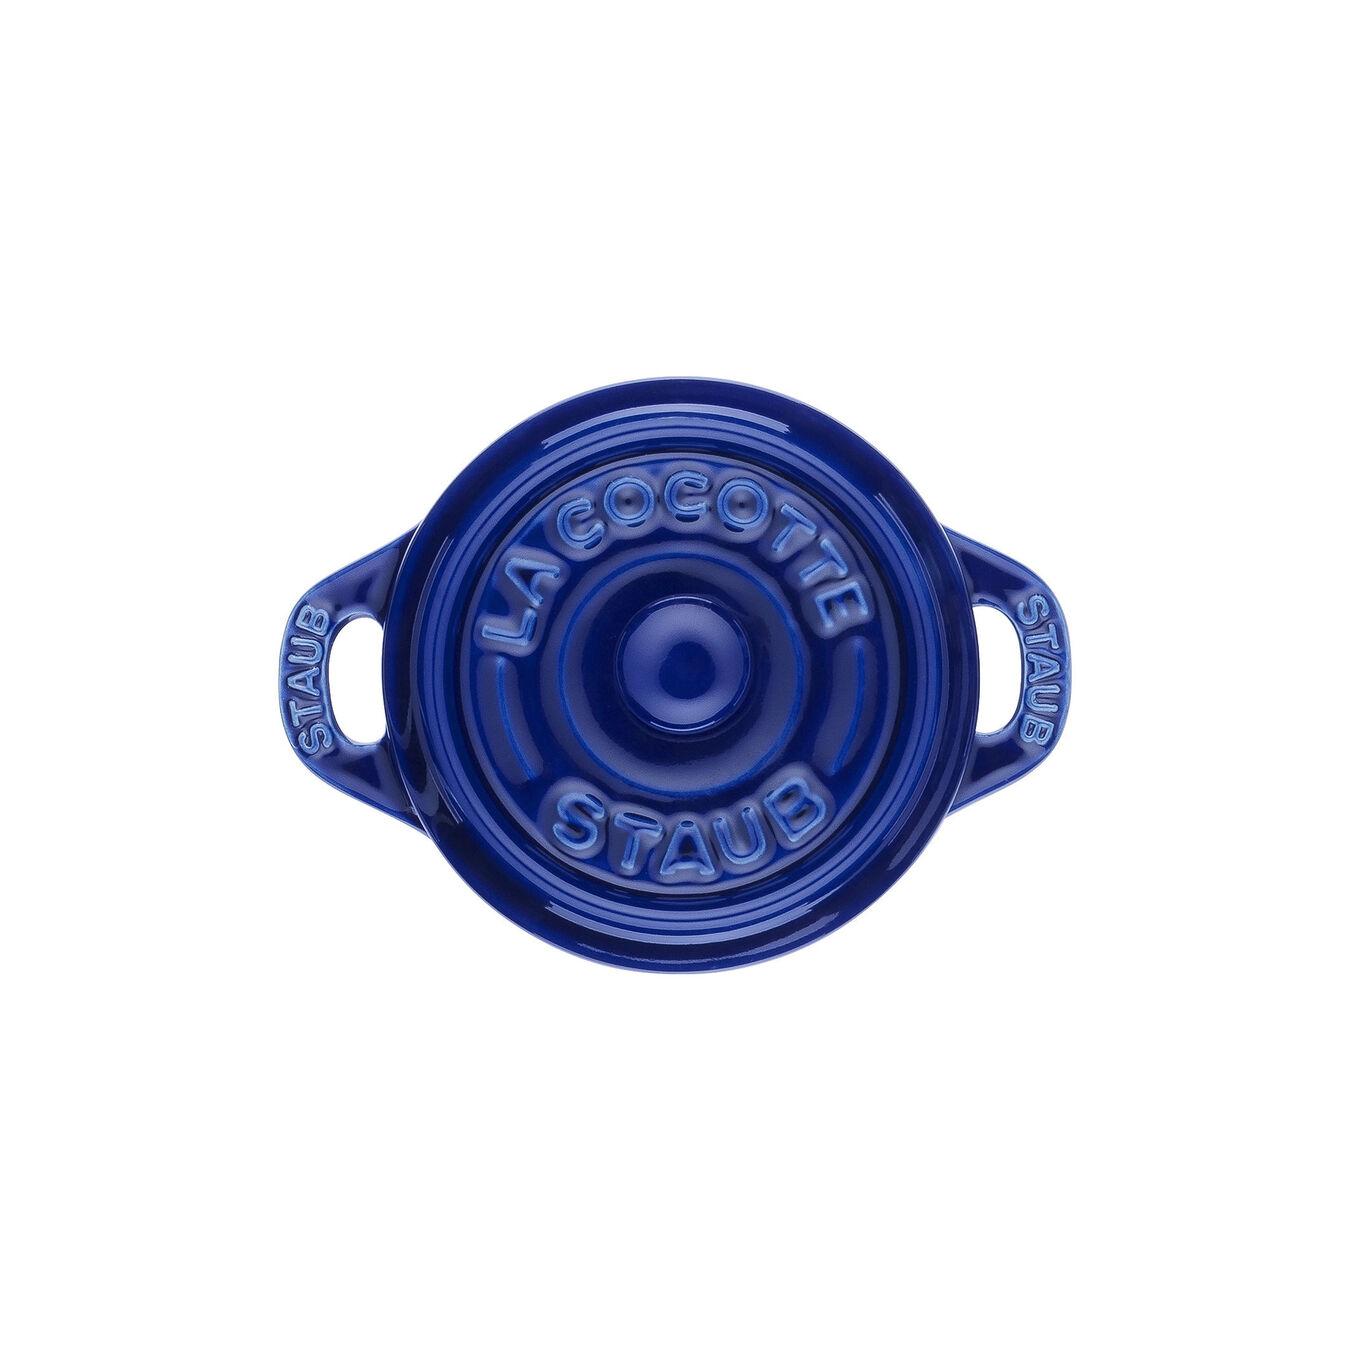 Mini Cocotte 10 cm, rund, Dunkelblau, Keramik,,large 3